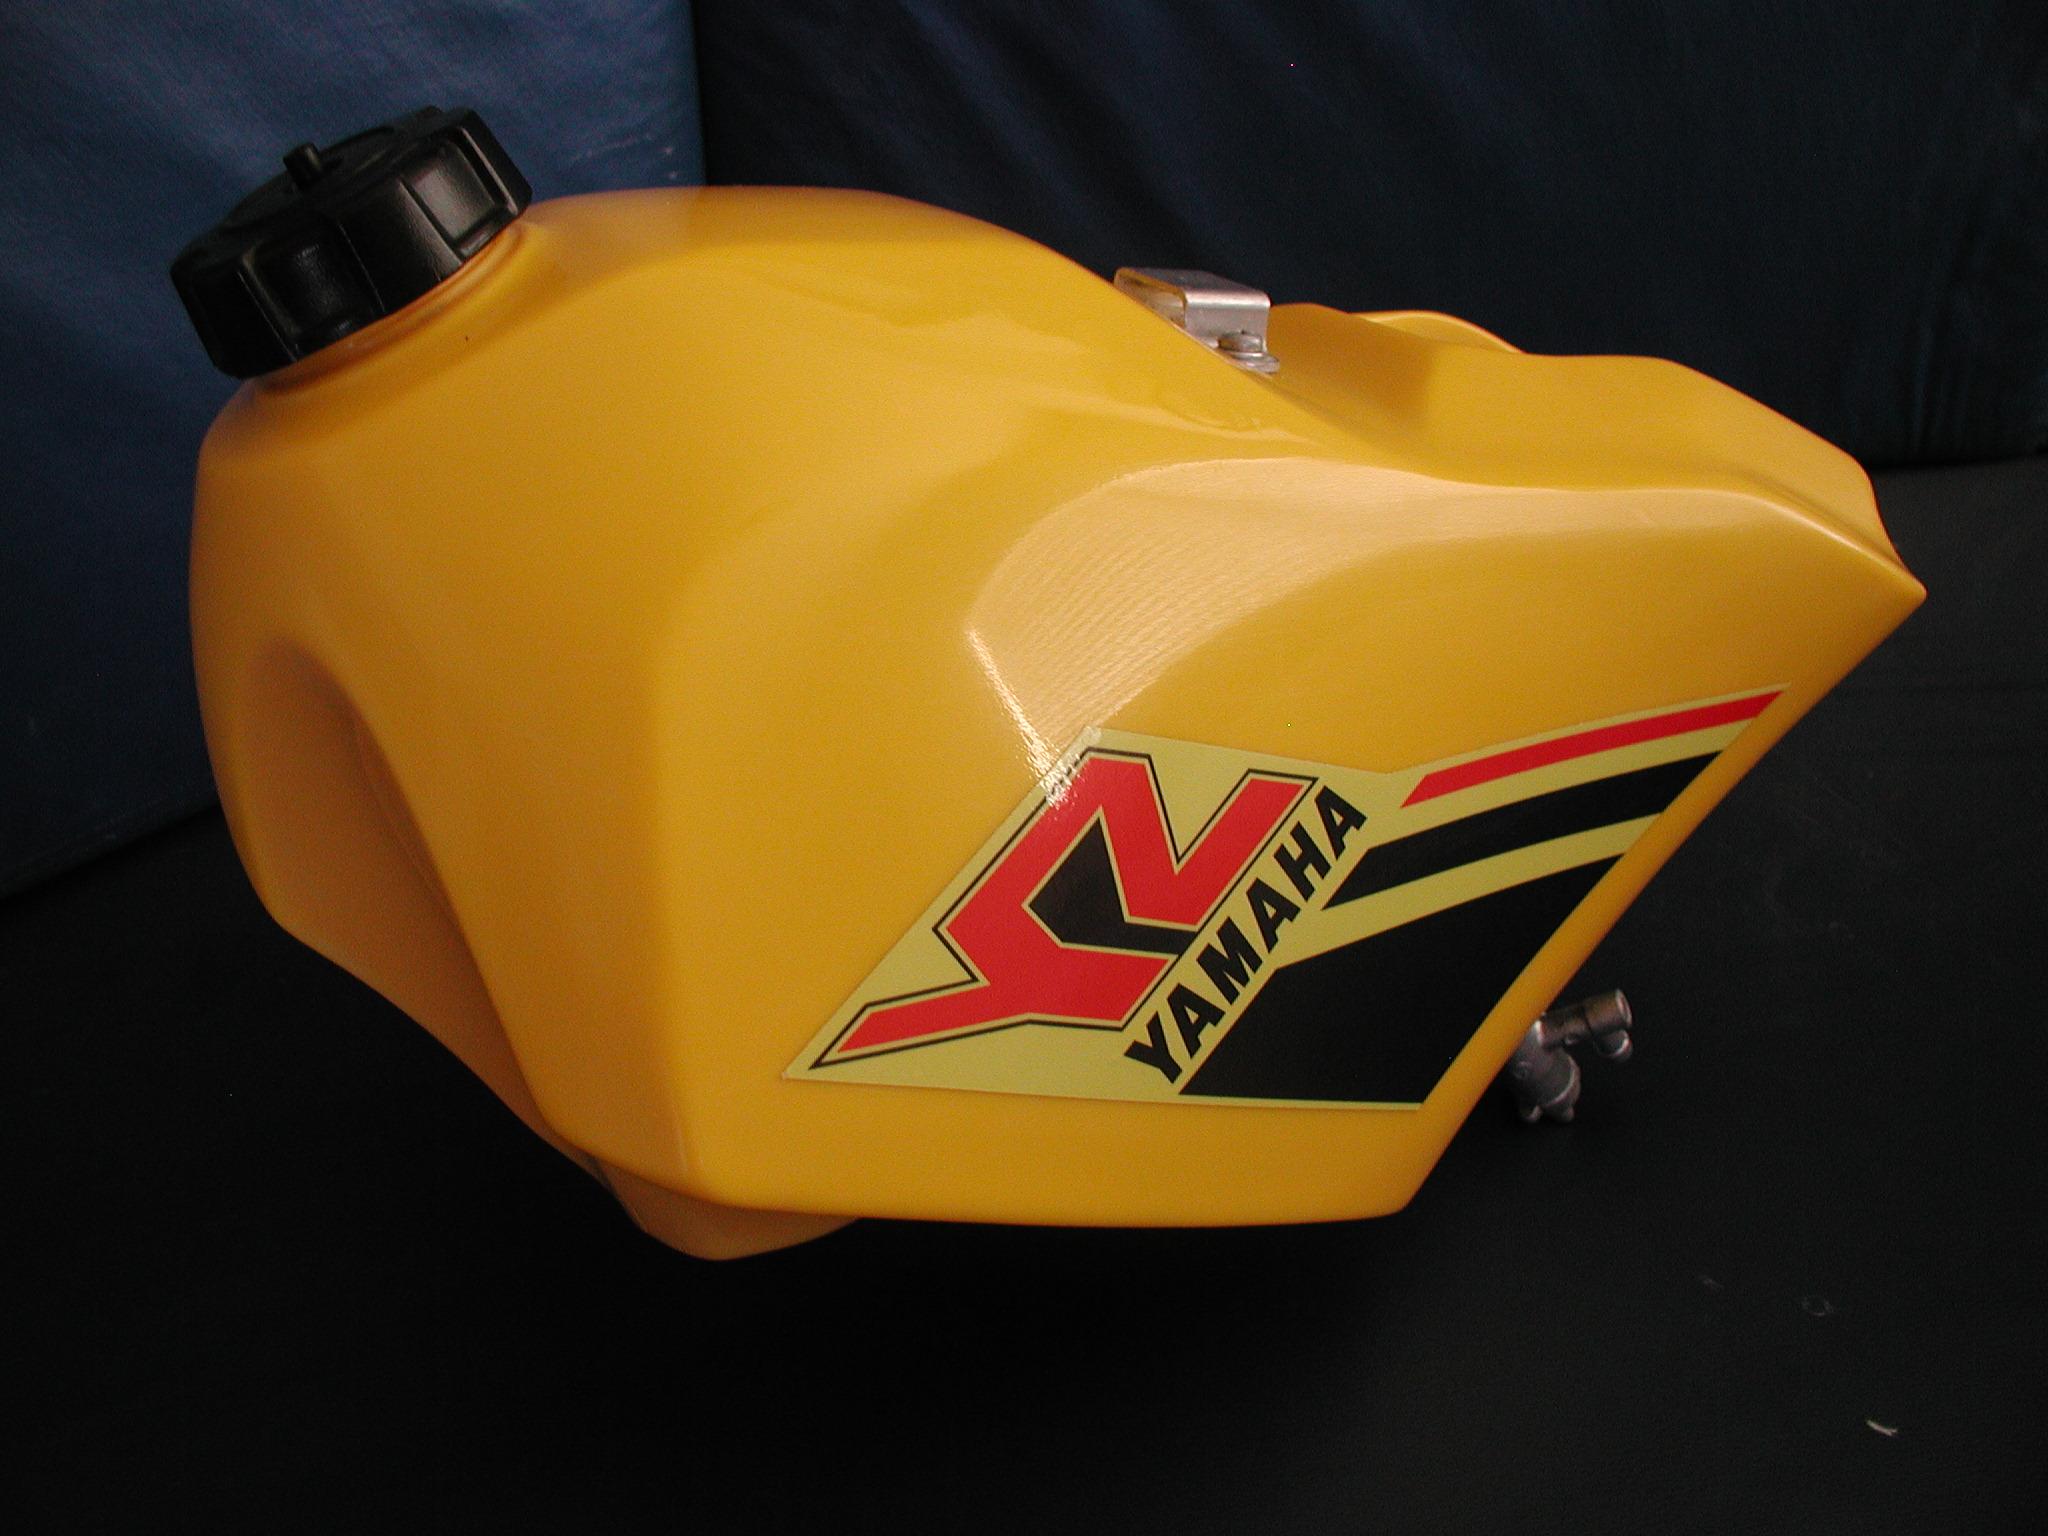 1983 YAMAHA YZ 125